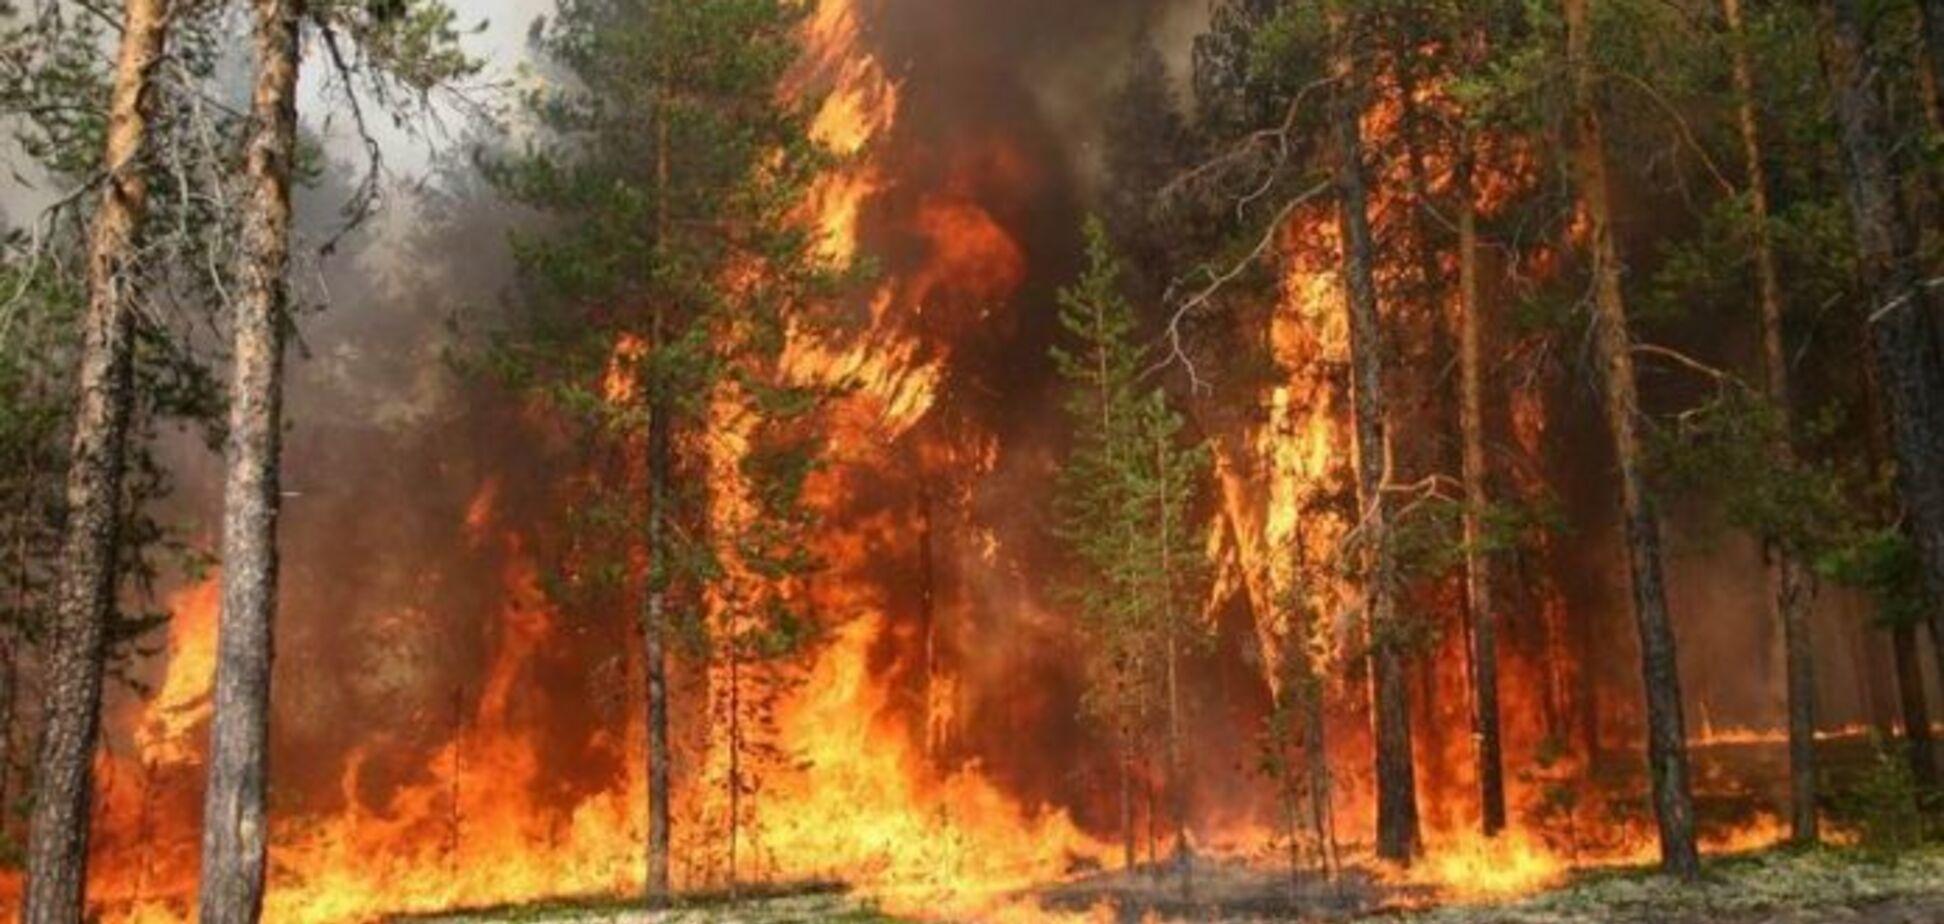 На Луганщине загорелся заминированный лес: есть пострадавший